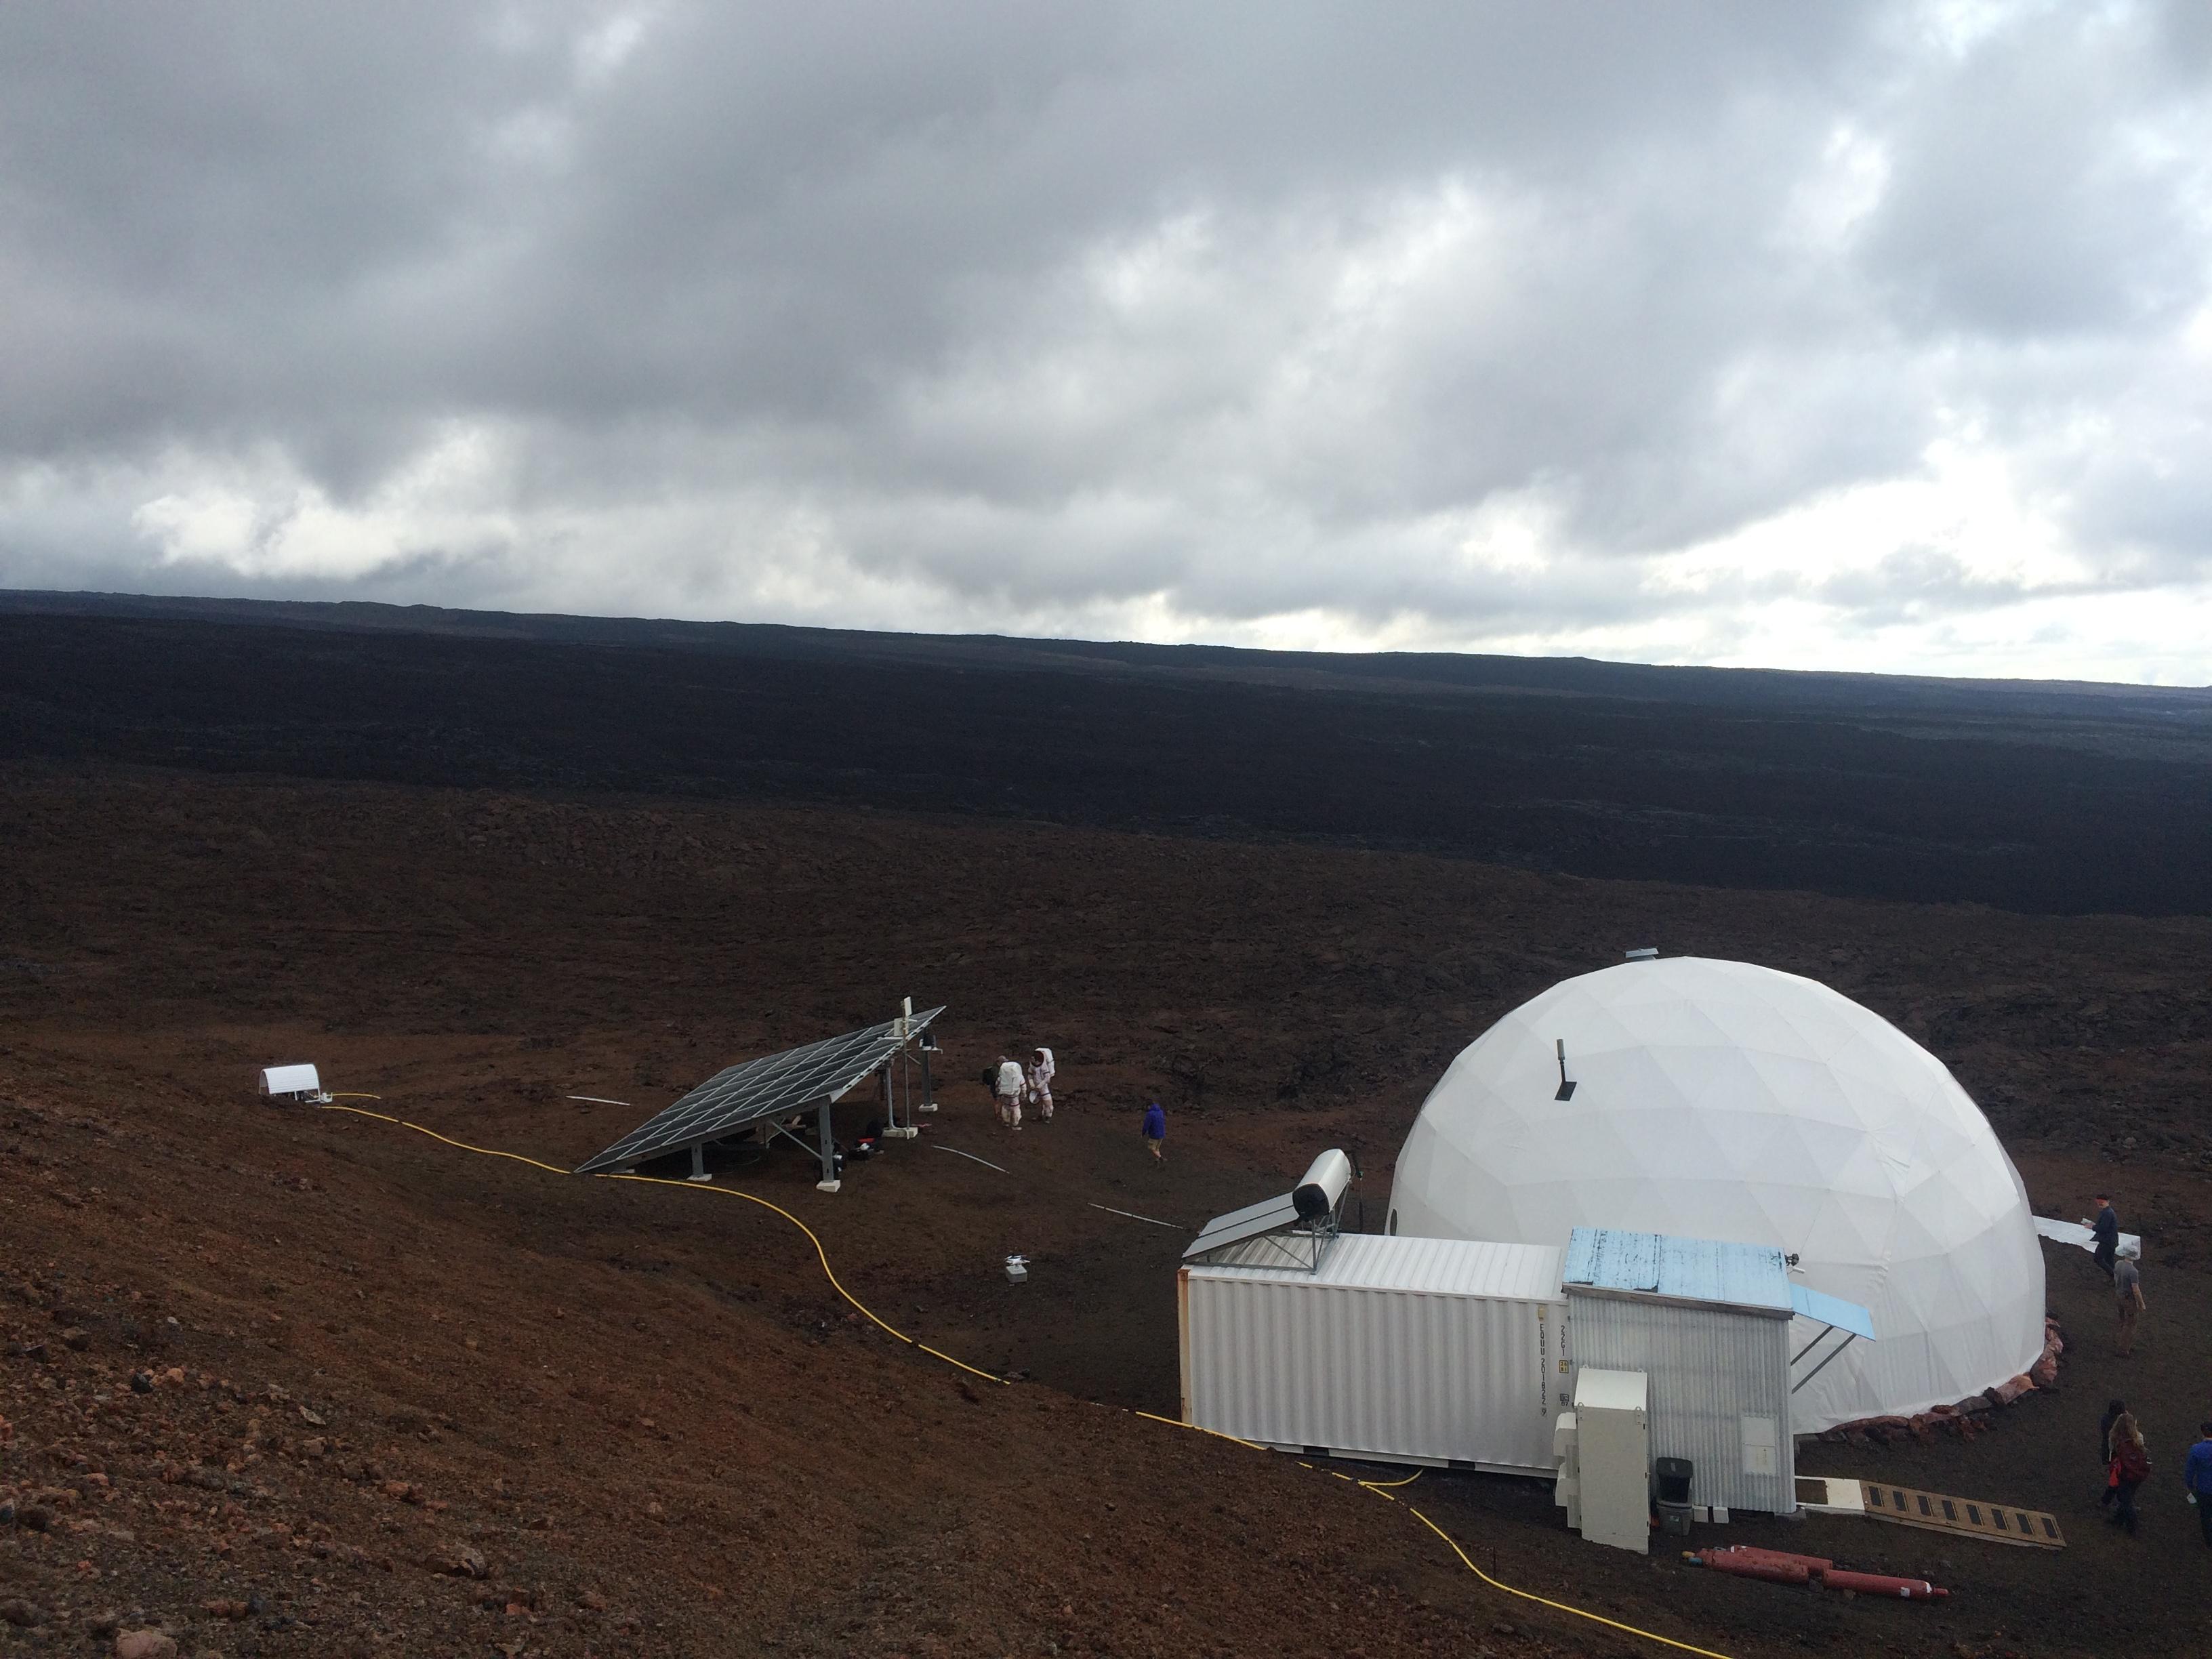 Life on Mars: Inside The HI-SEAS Isolation Habitat (Gallery)